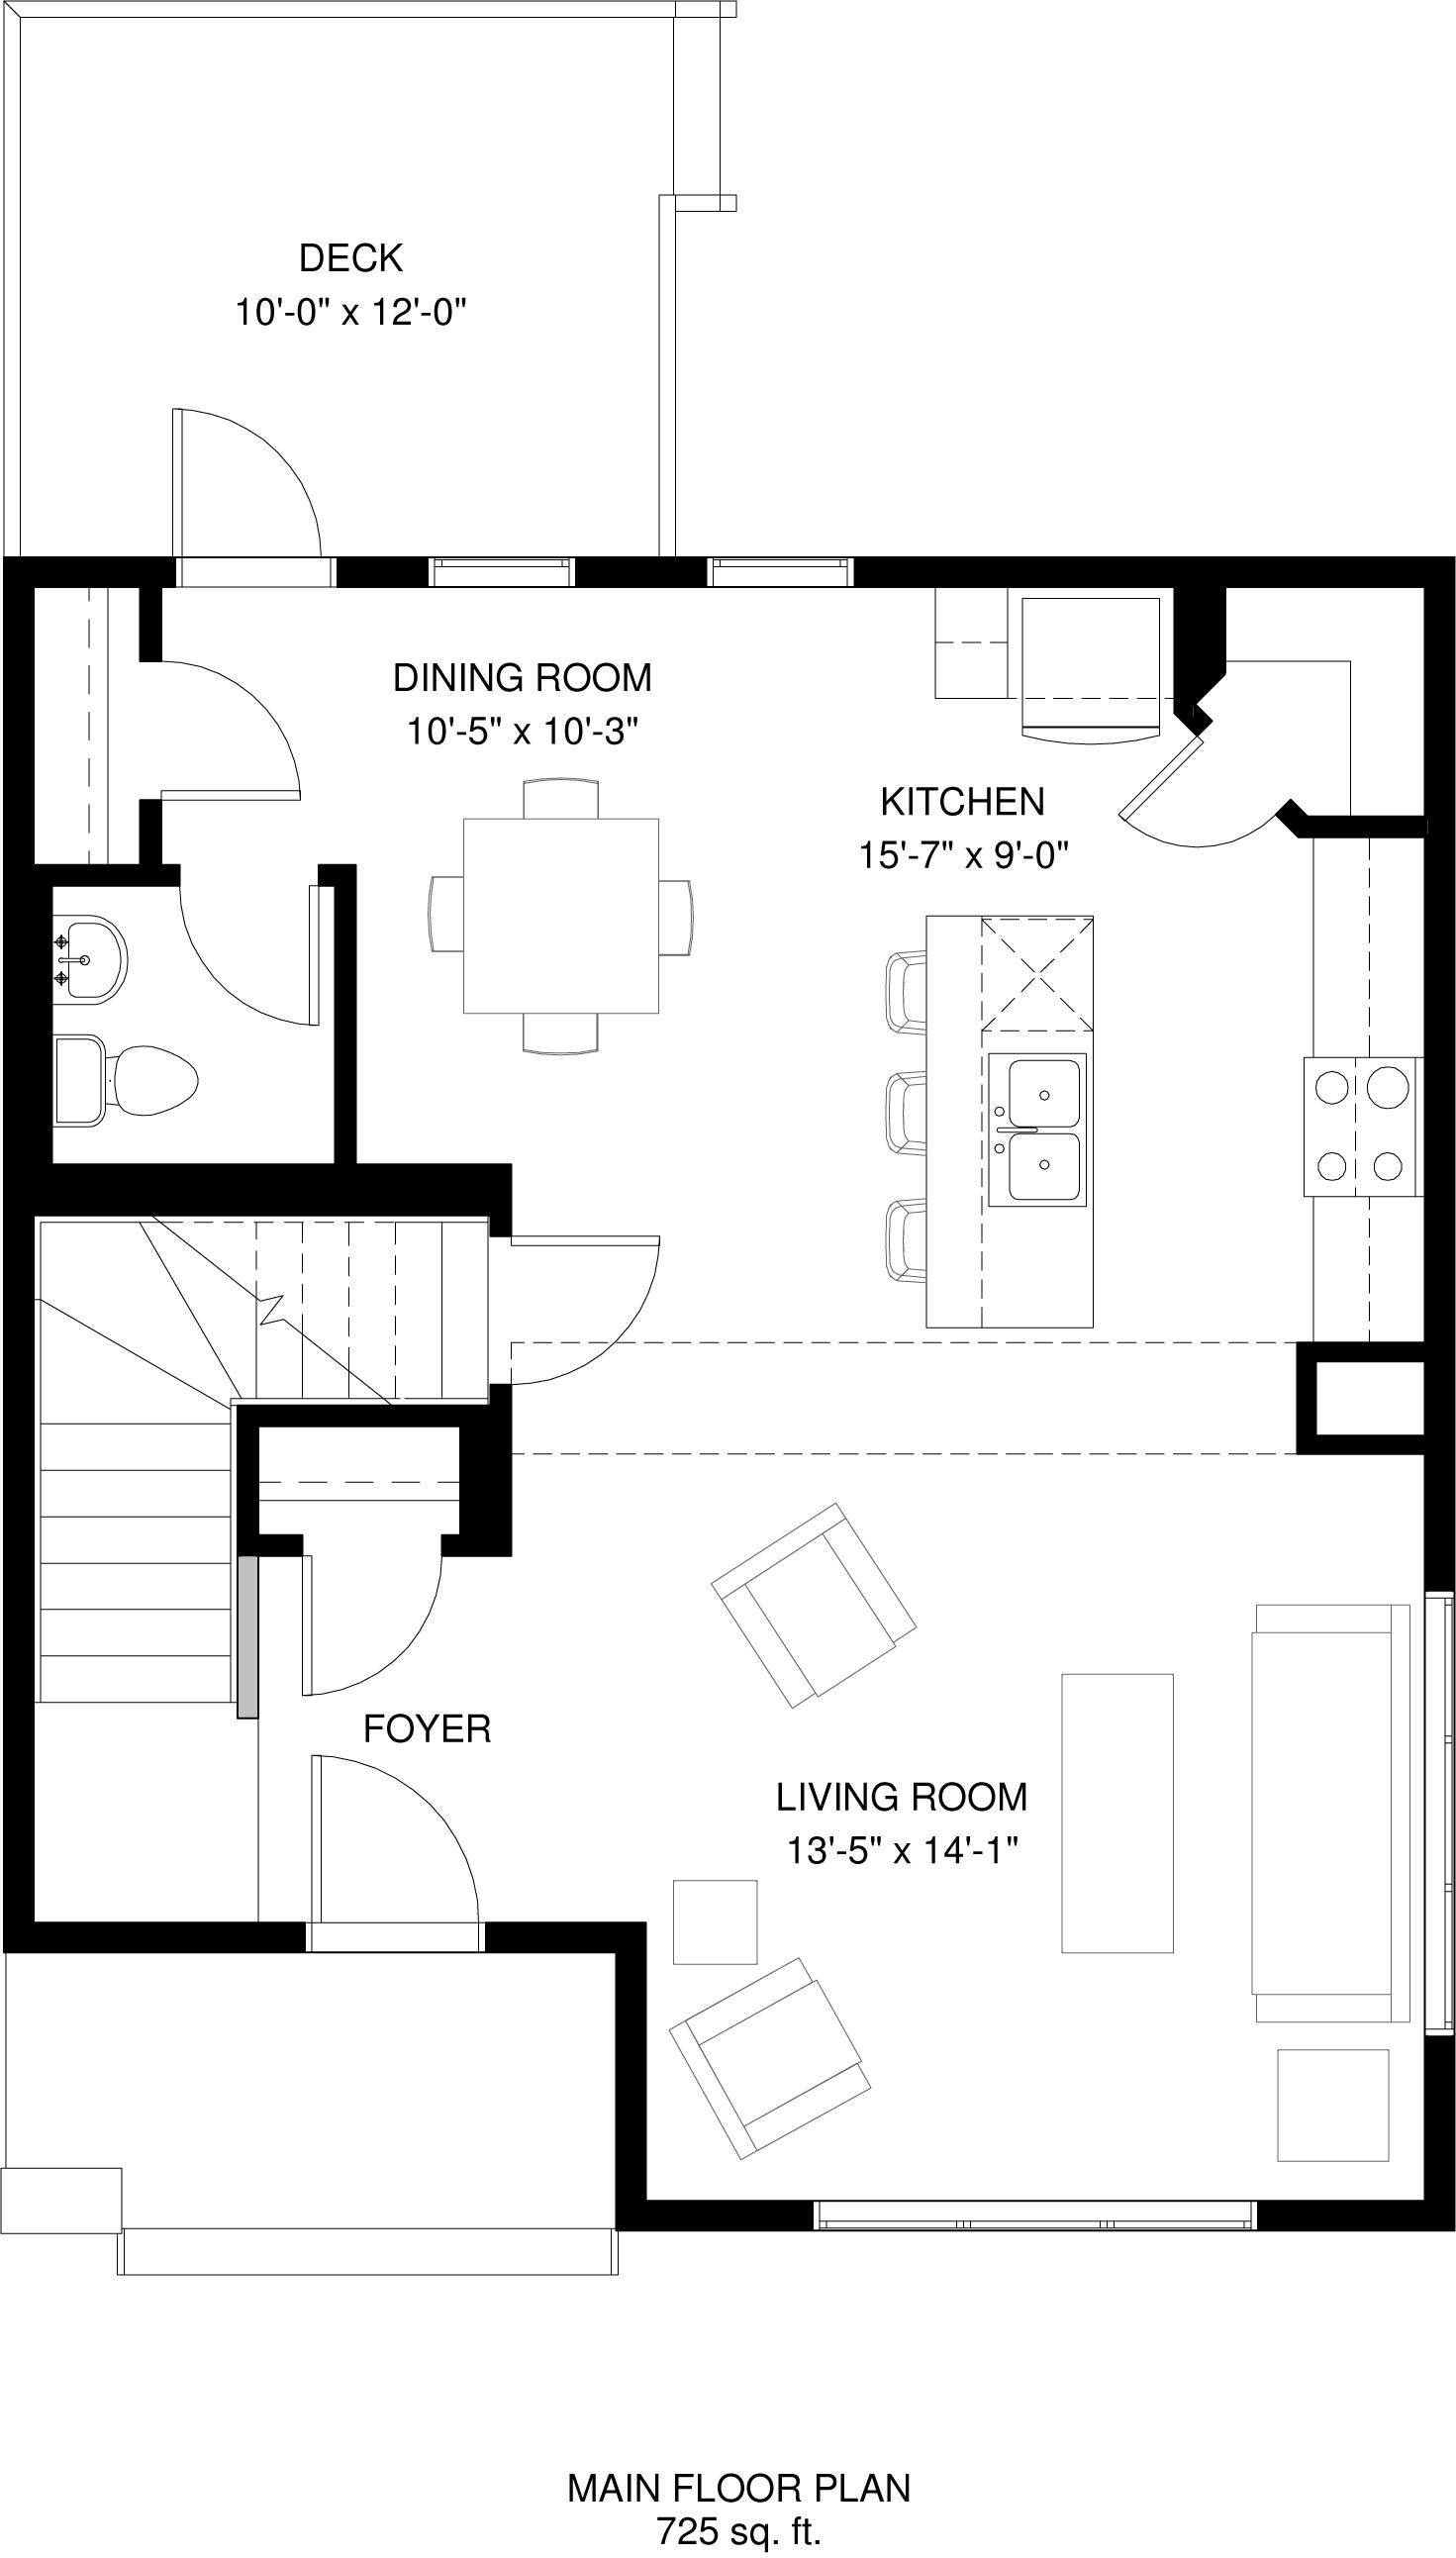 Main Floor  725 sq ft